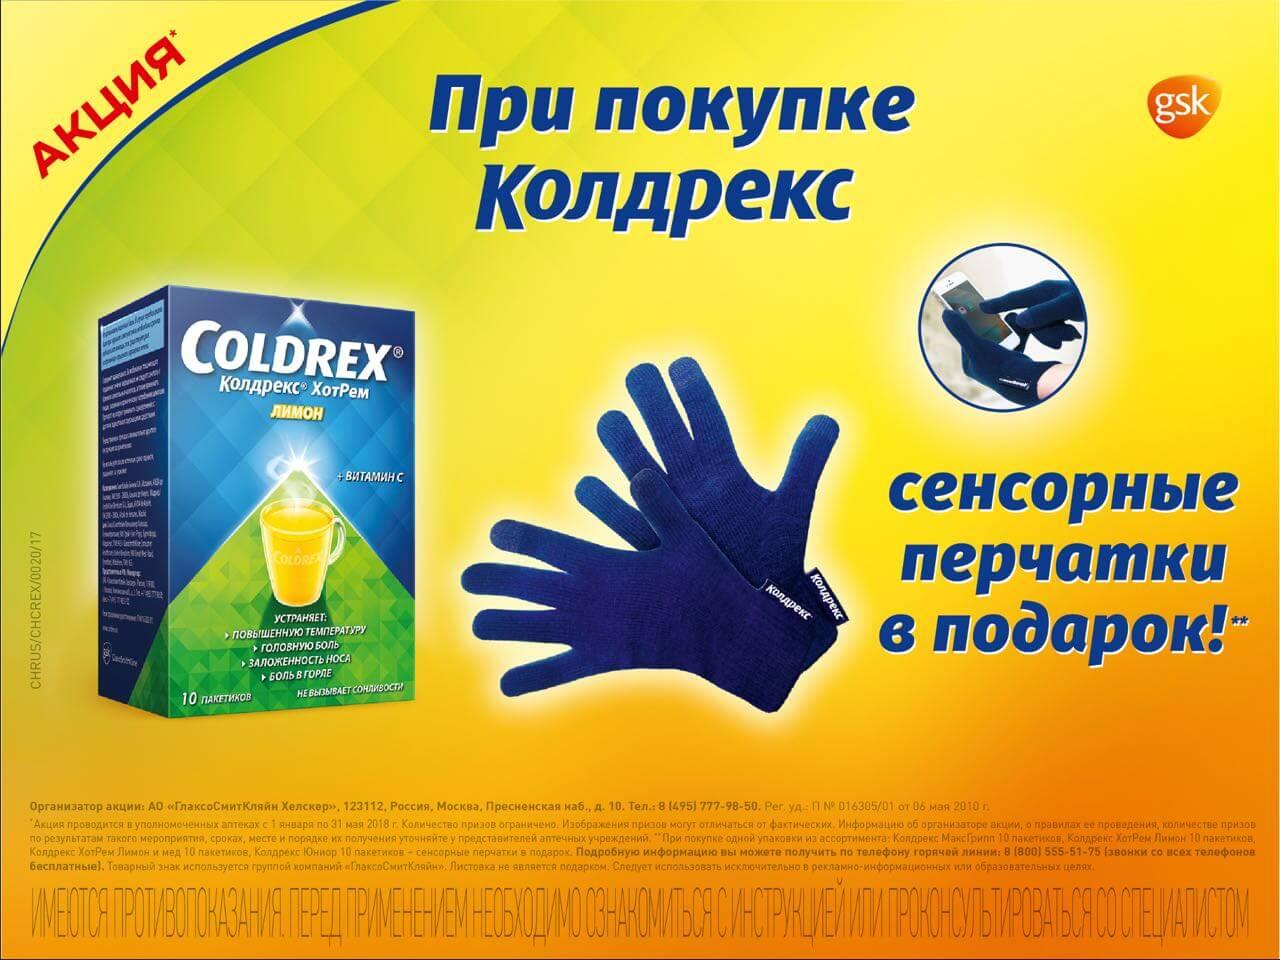 Акция перчатки в подарок